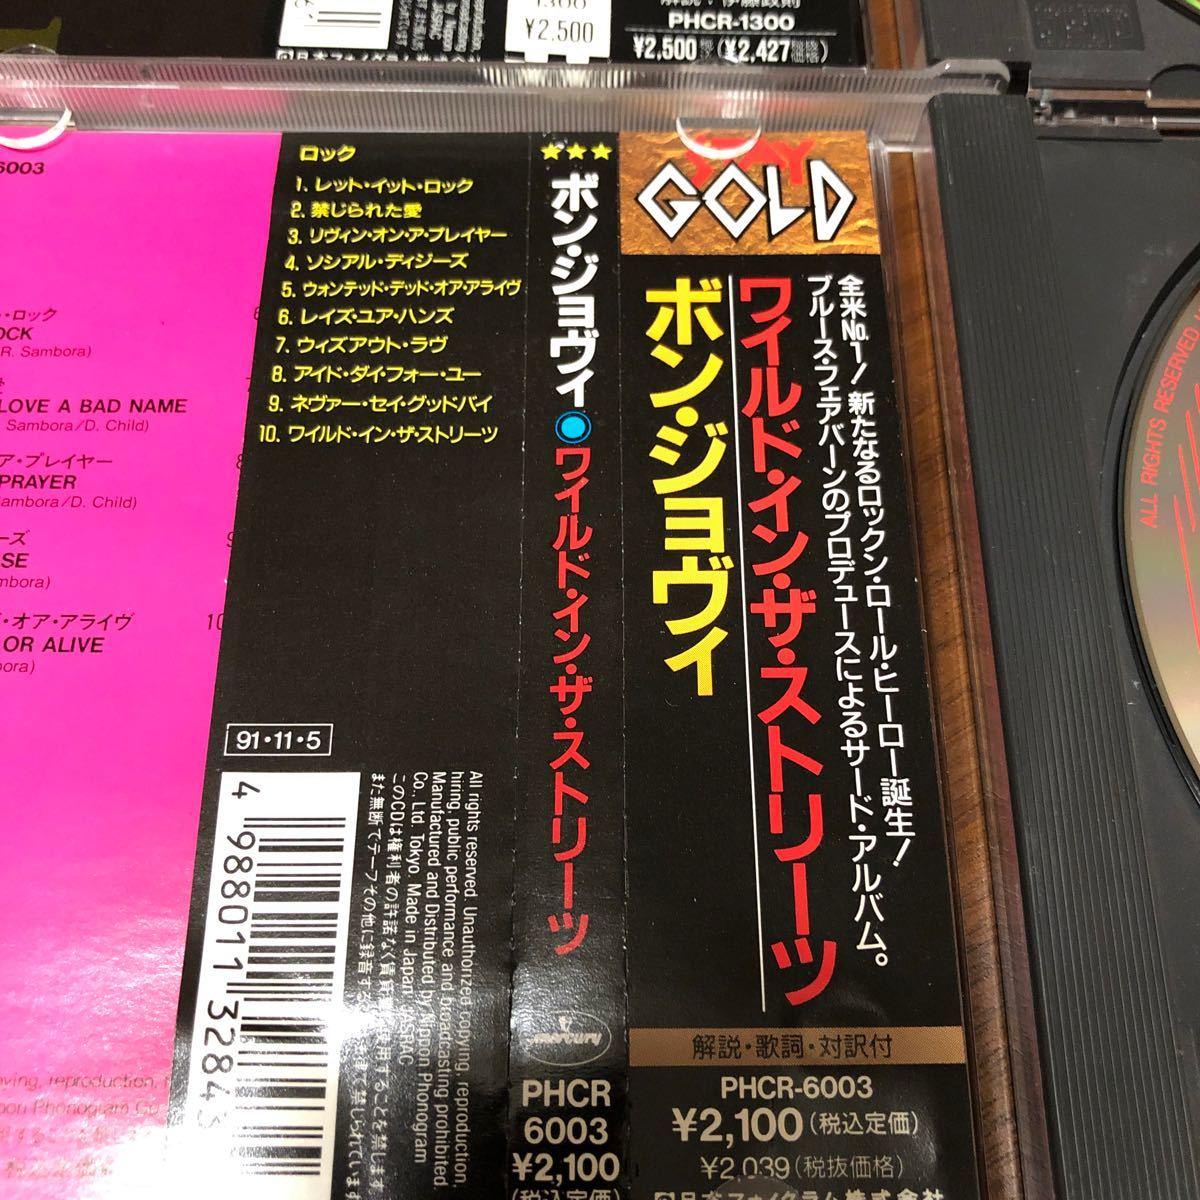 ボンジョヴィ クロスロード〜ザベスト 他 CD 3枚セット bonjovi